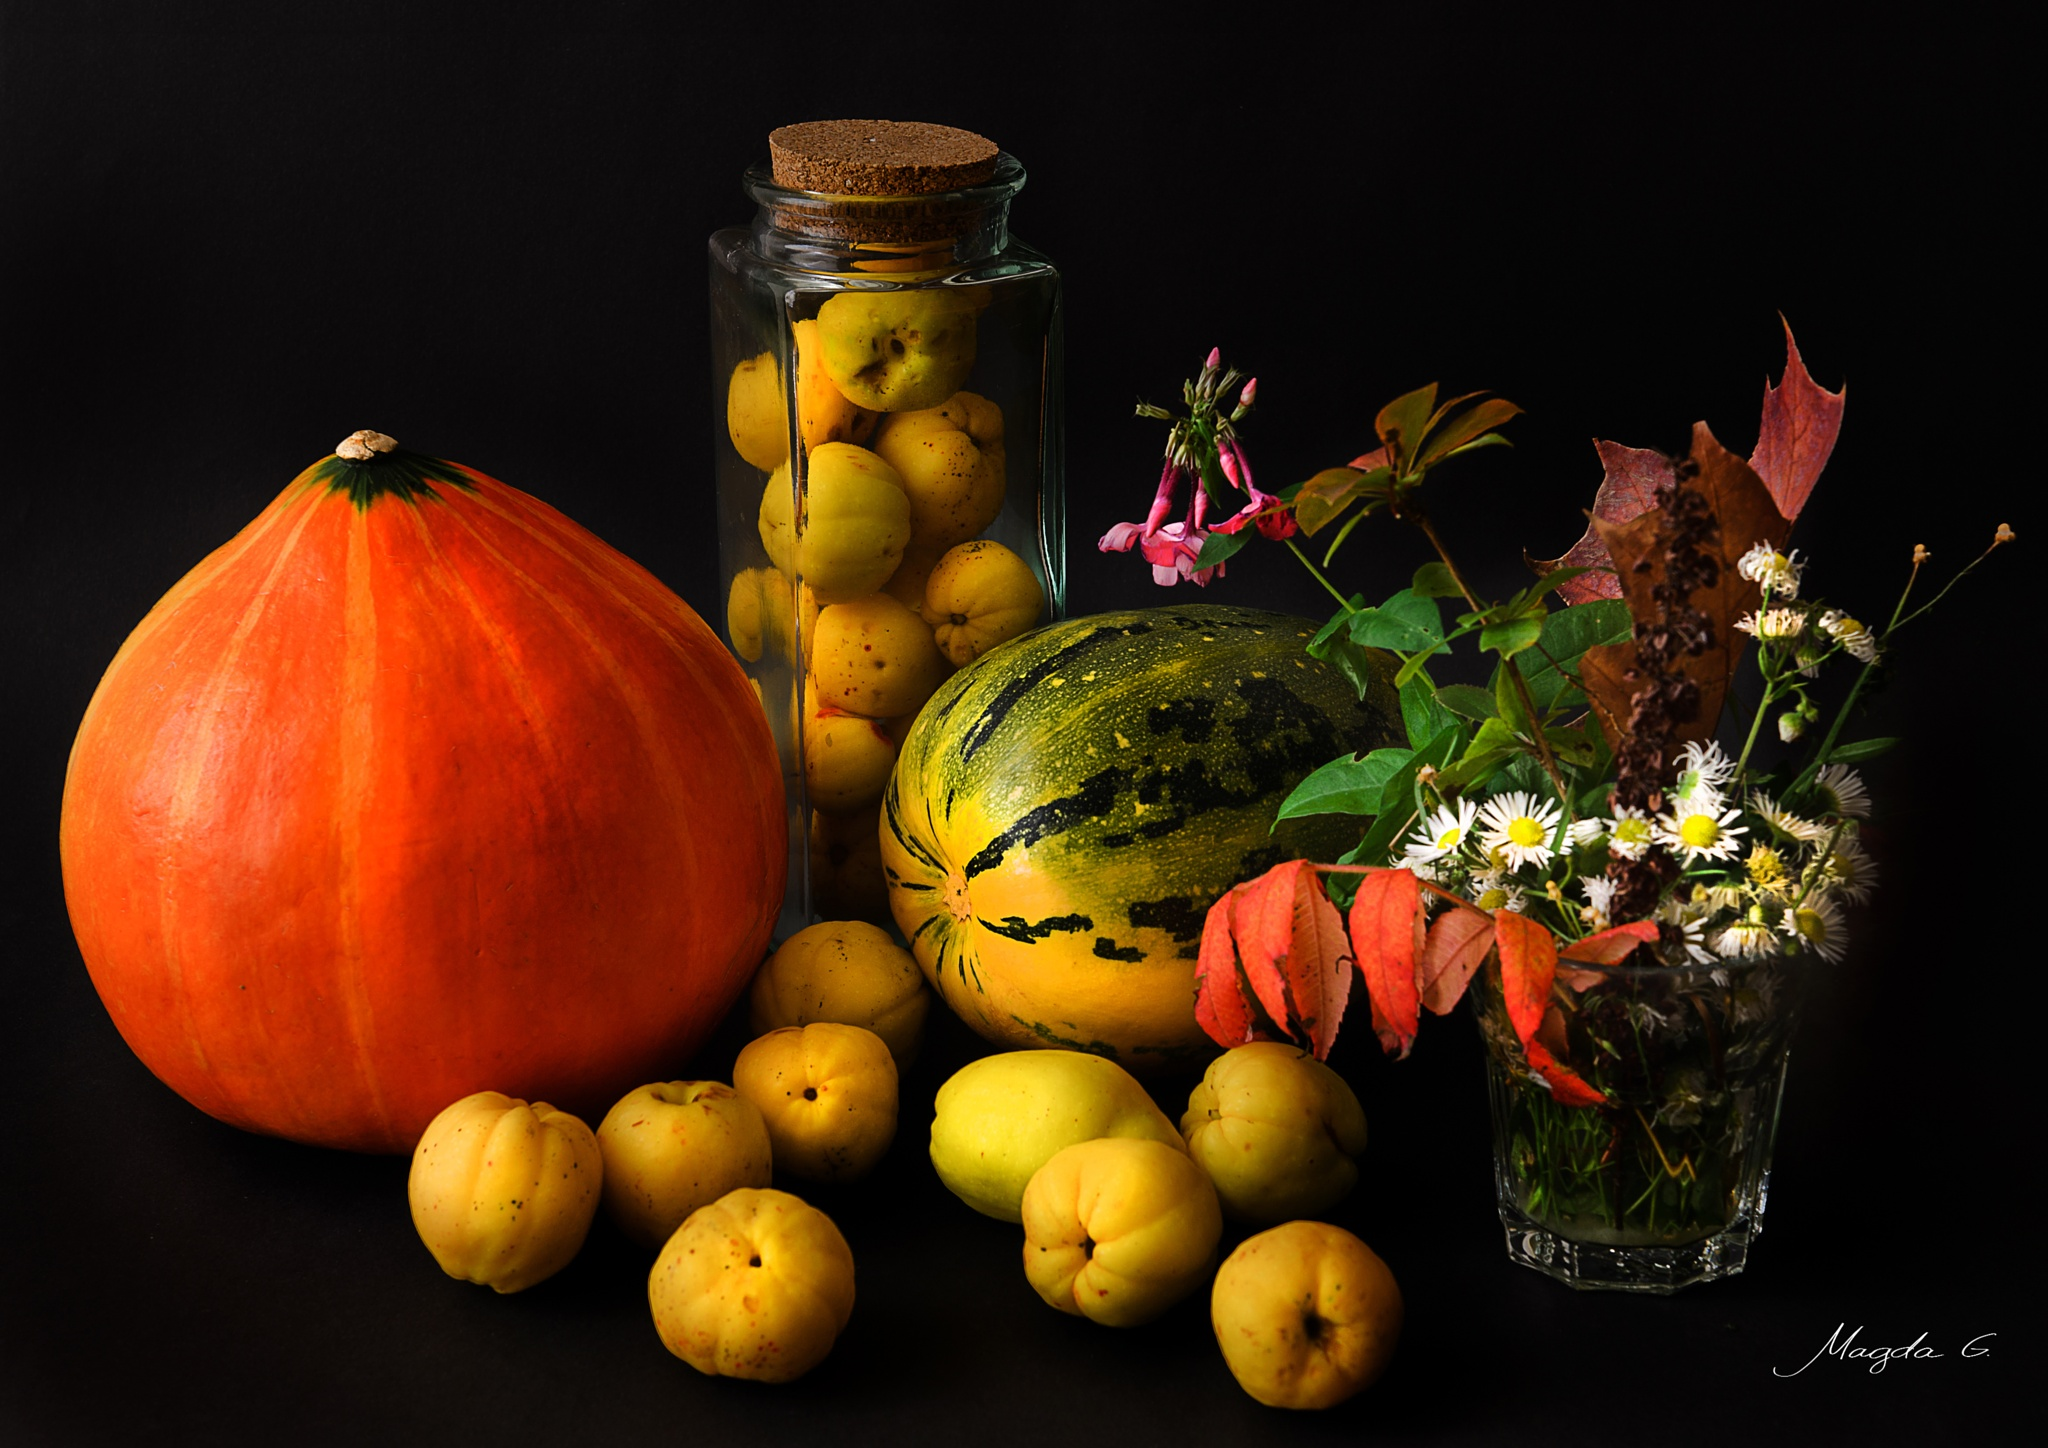 Pumpkin & Co. by Magda Grigonienė